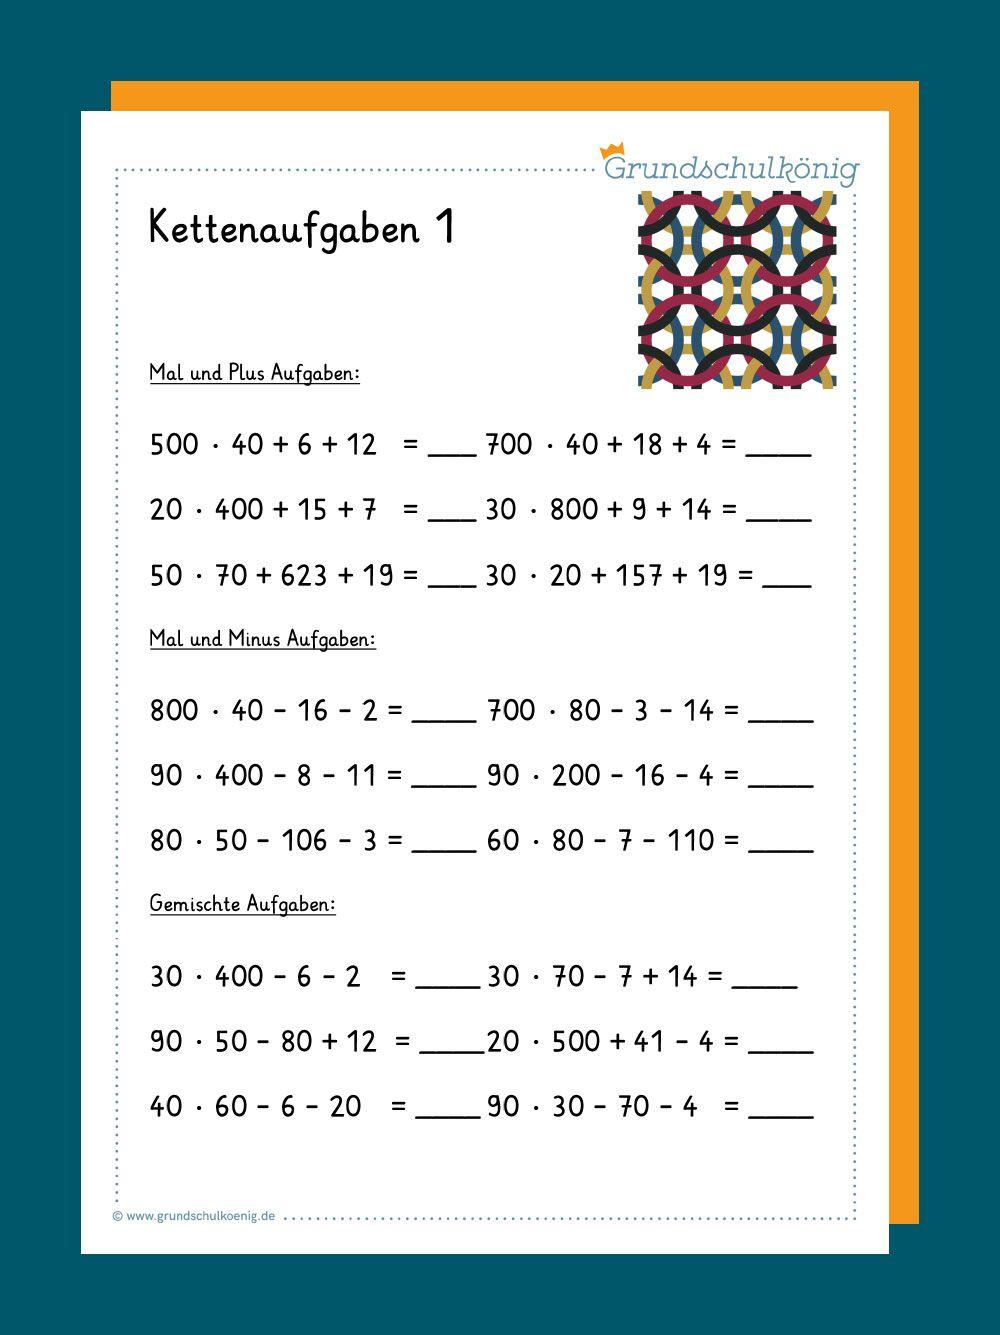 Kostenlose Arbeitsblätter Mit Kettenaufgaben Für Mathe In für Kostenlose Arbeitsblätter Mathe